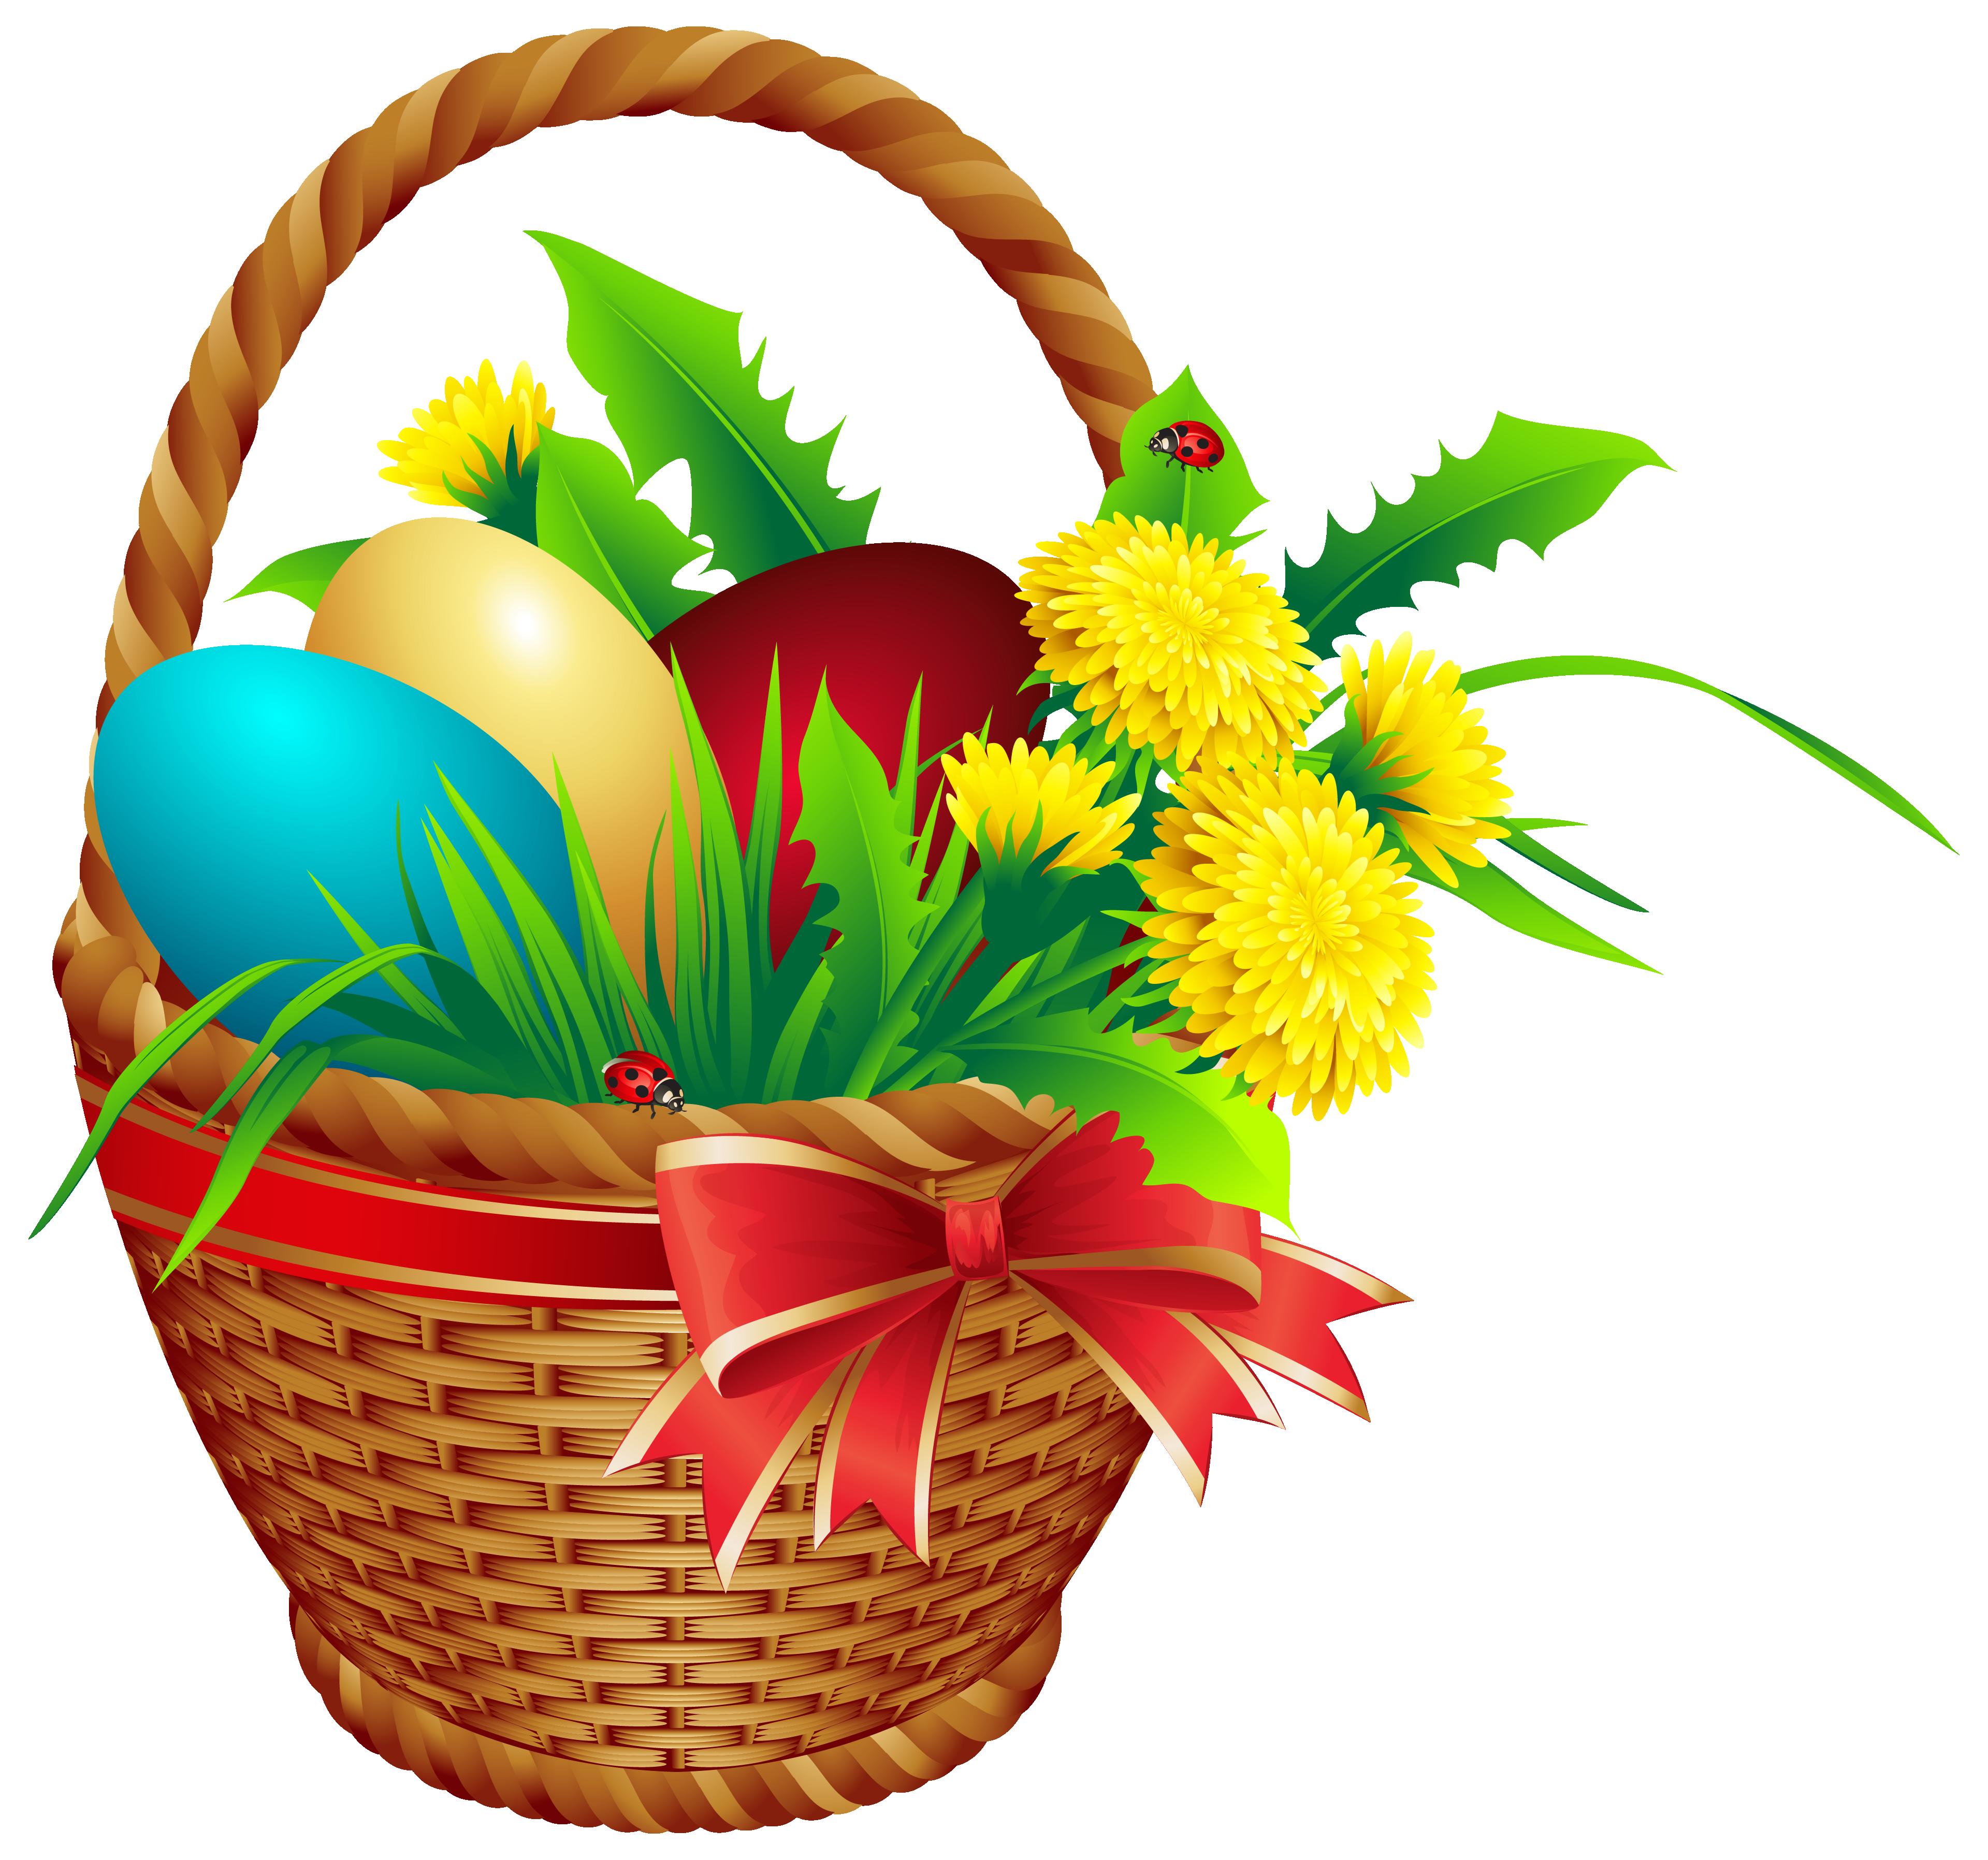 gift clipart full basket